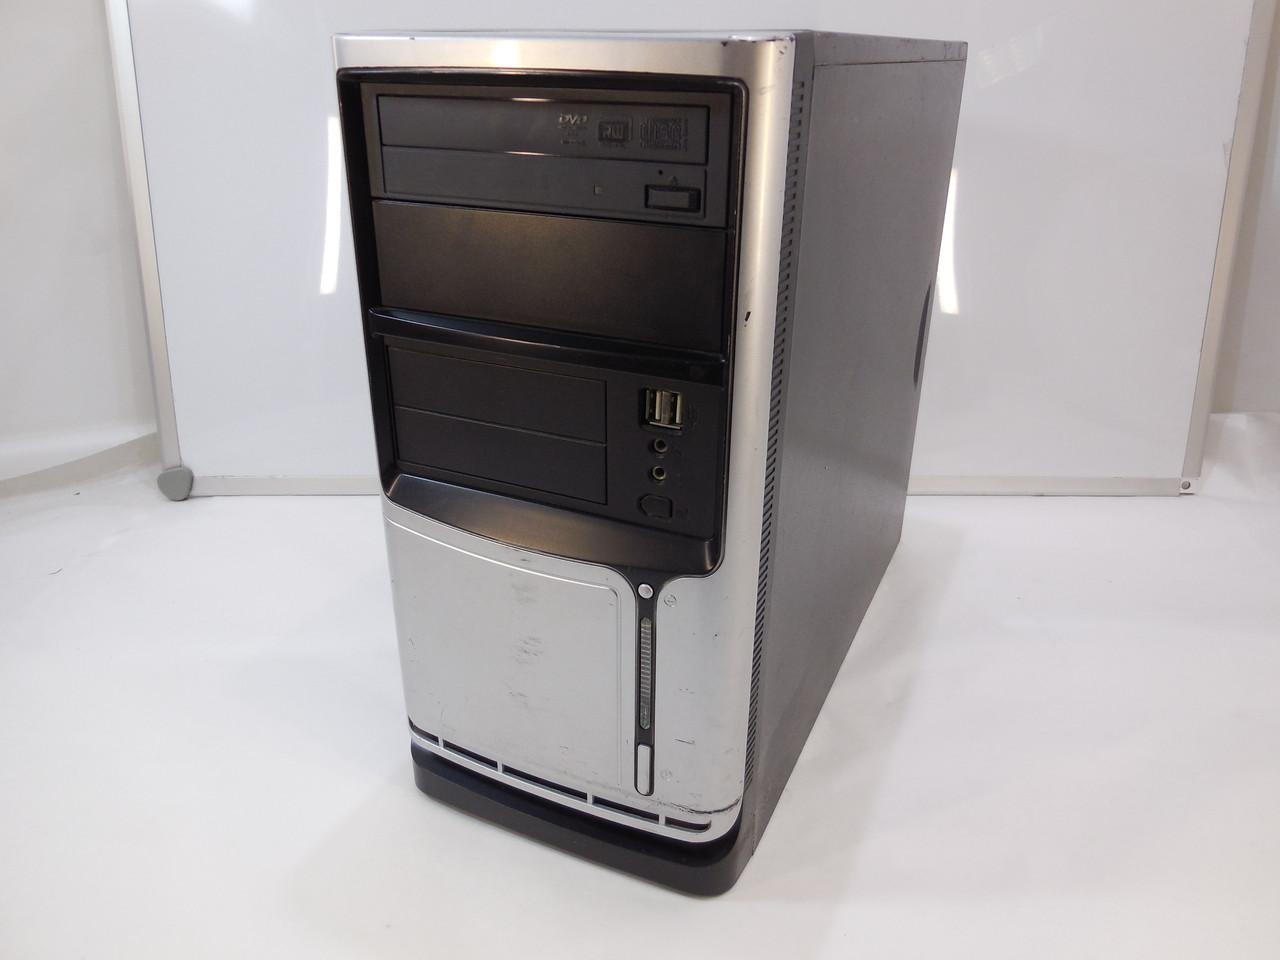 Системный блок, компьютер, Intel Core i5 2400 4 ядра по 3,4 Ghz, 4 Гб ОЗУ DDR-3, HDD 500 Гб, 1 Гб видео